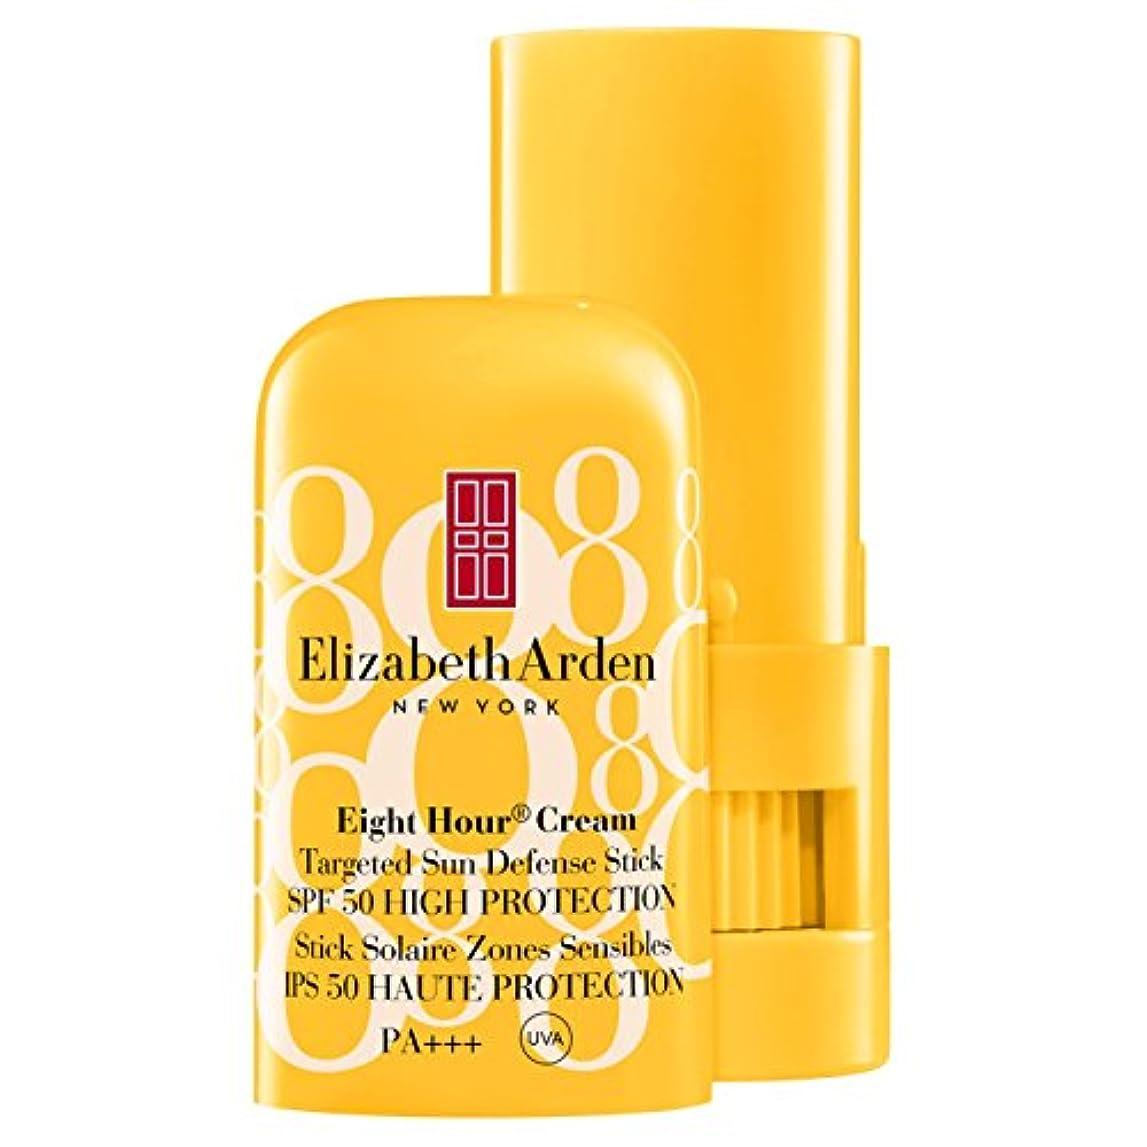 修士号レモンインペリアルElizabeth Arden Eight Hour? Cream Targeted Sun Defense Stick SPF50 High Protection 15ml (Pack of 6) - エリザベスアーデン...